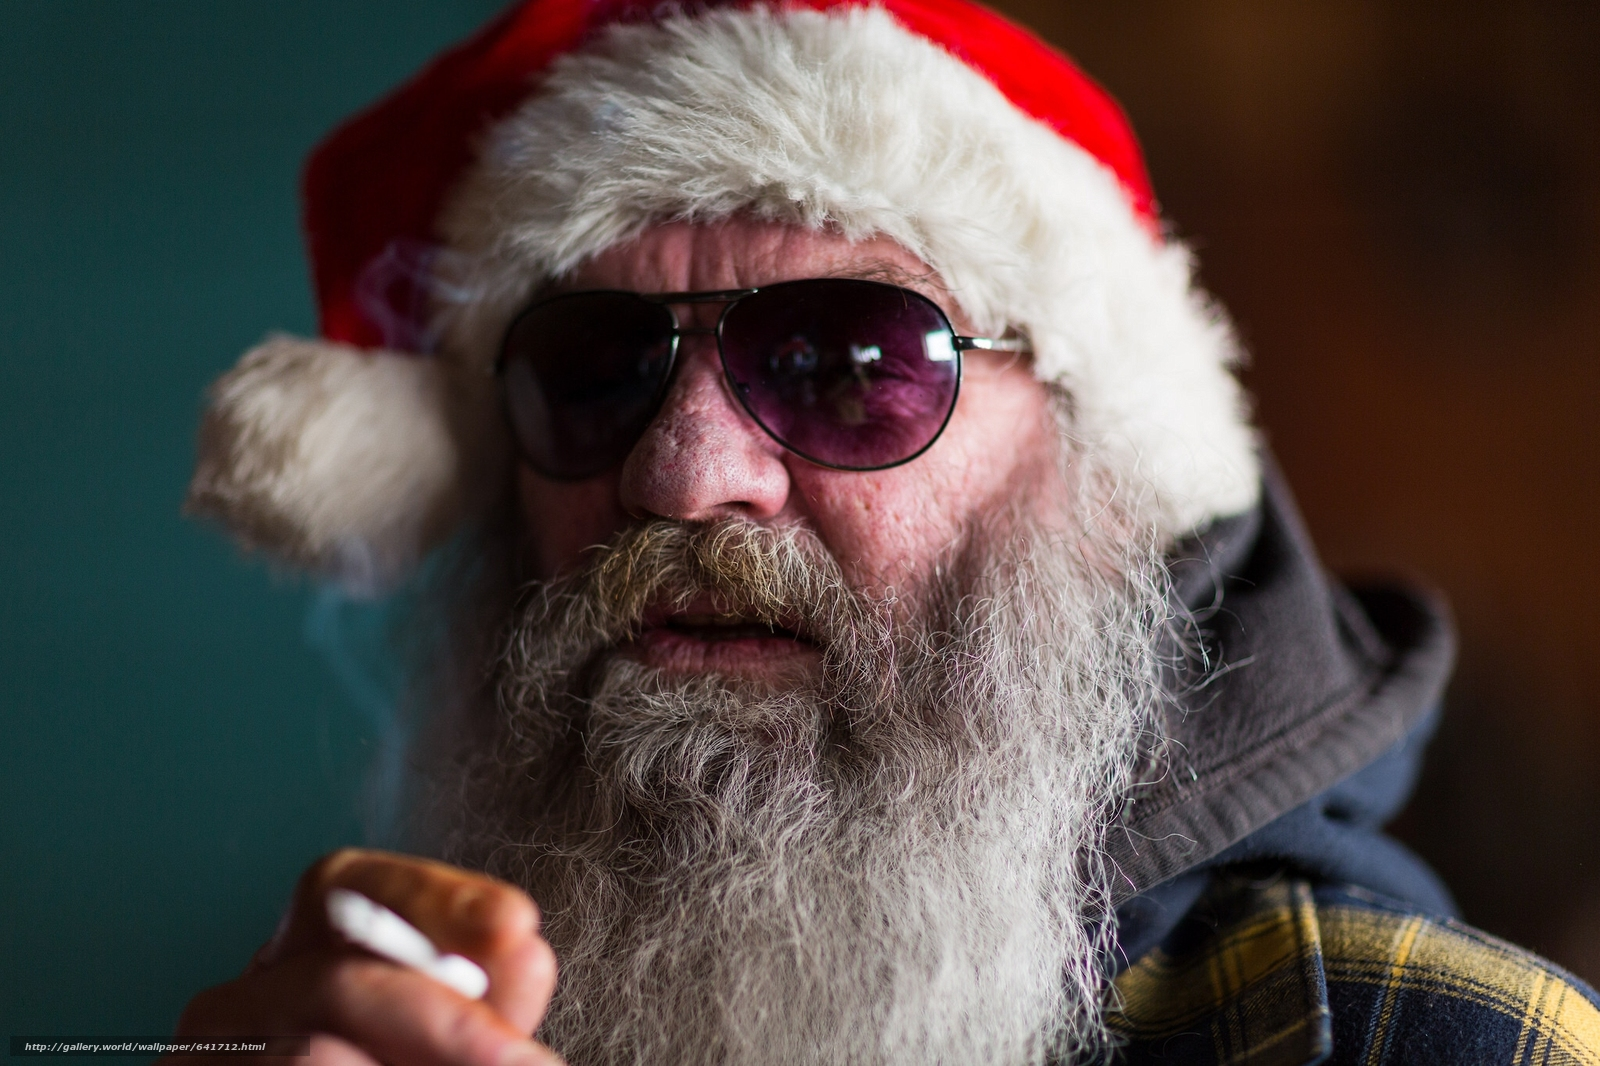 Tlcharger Fond d'ecran Santa,  barbe,  lunettes,  chapeau Fonds d'ecran gratuits pour votre rsolution du bureau 2048x1365 — image №641712